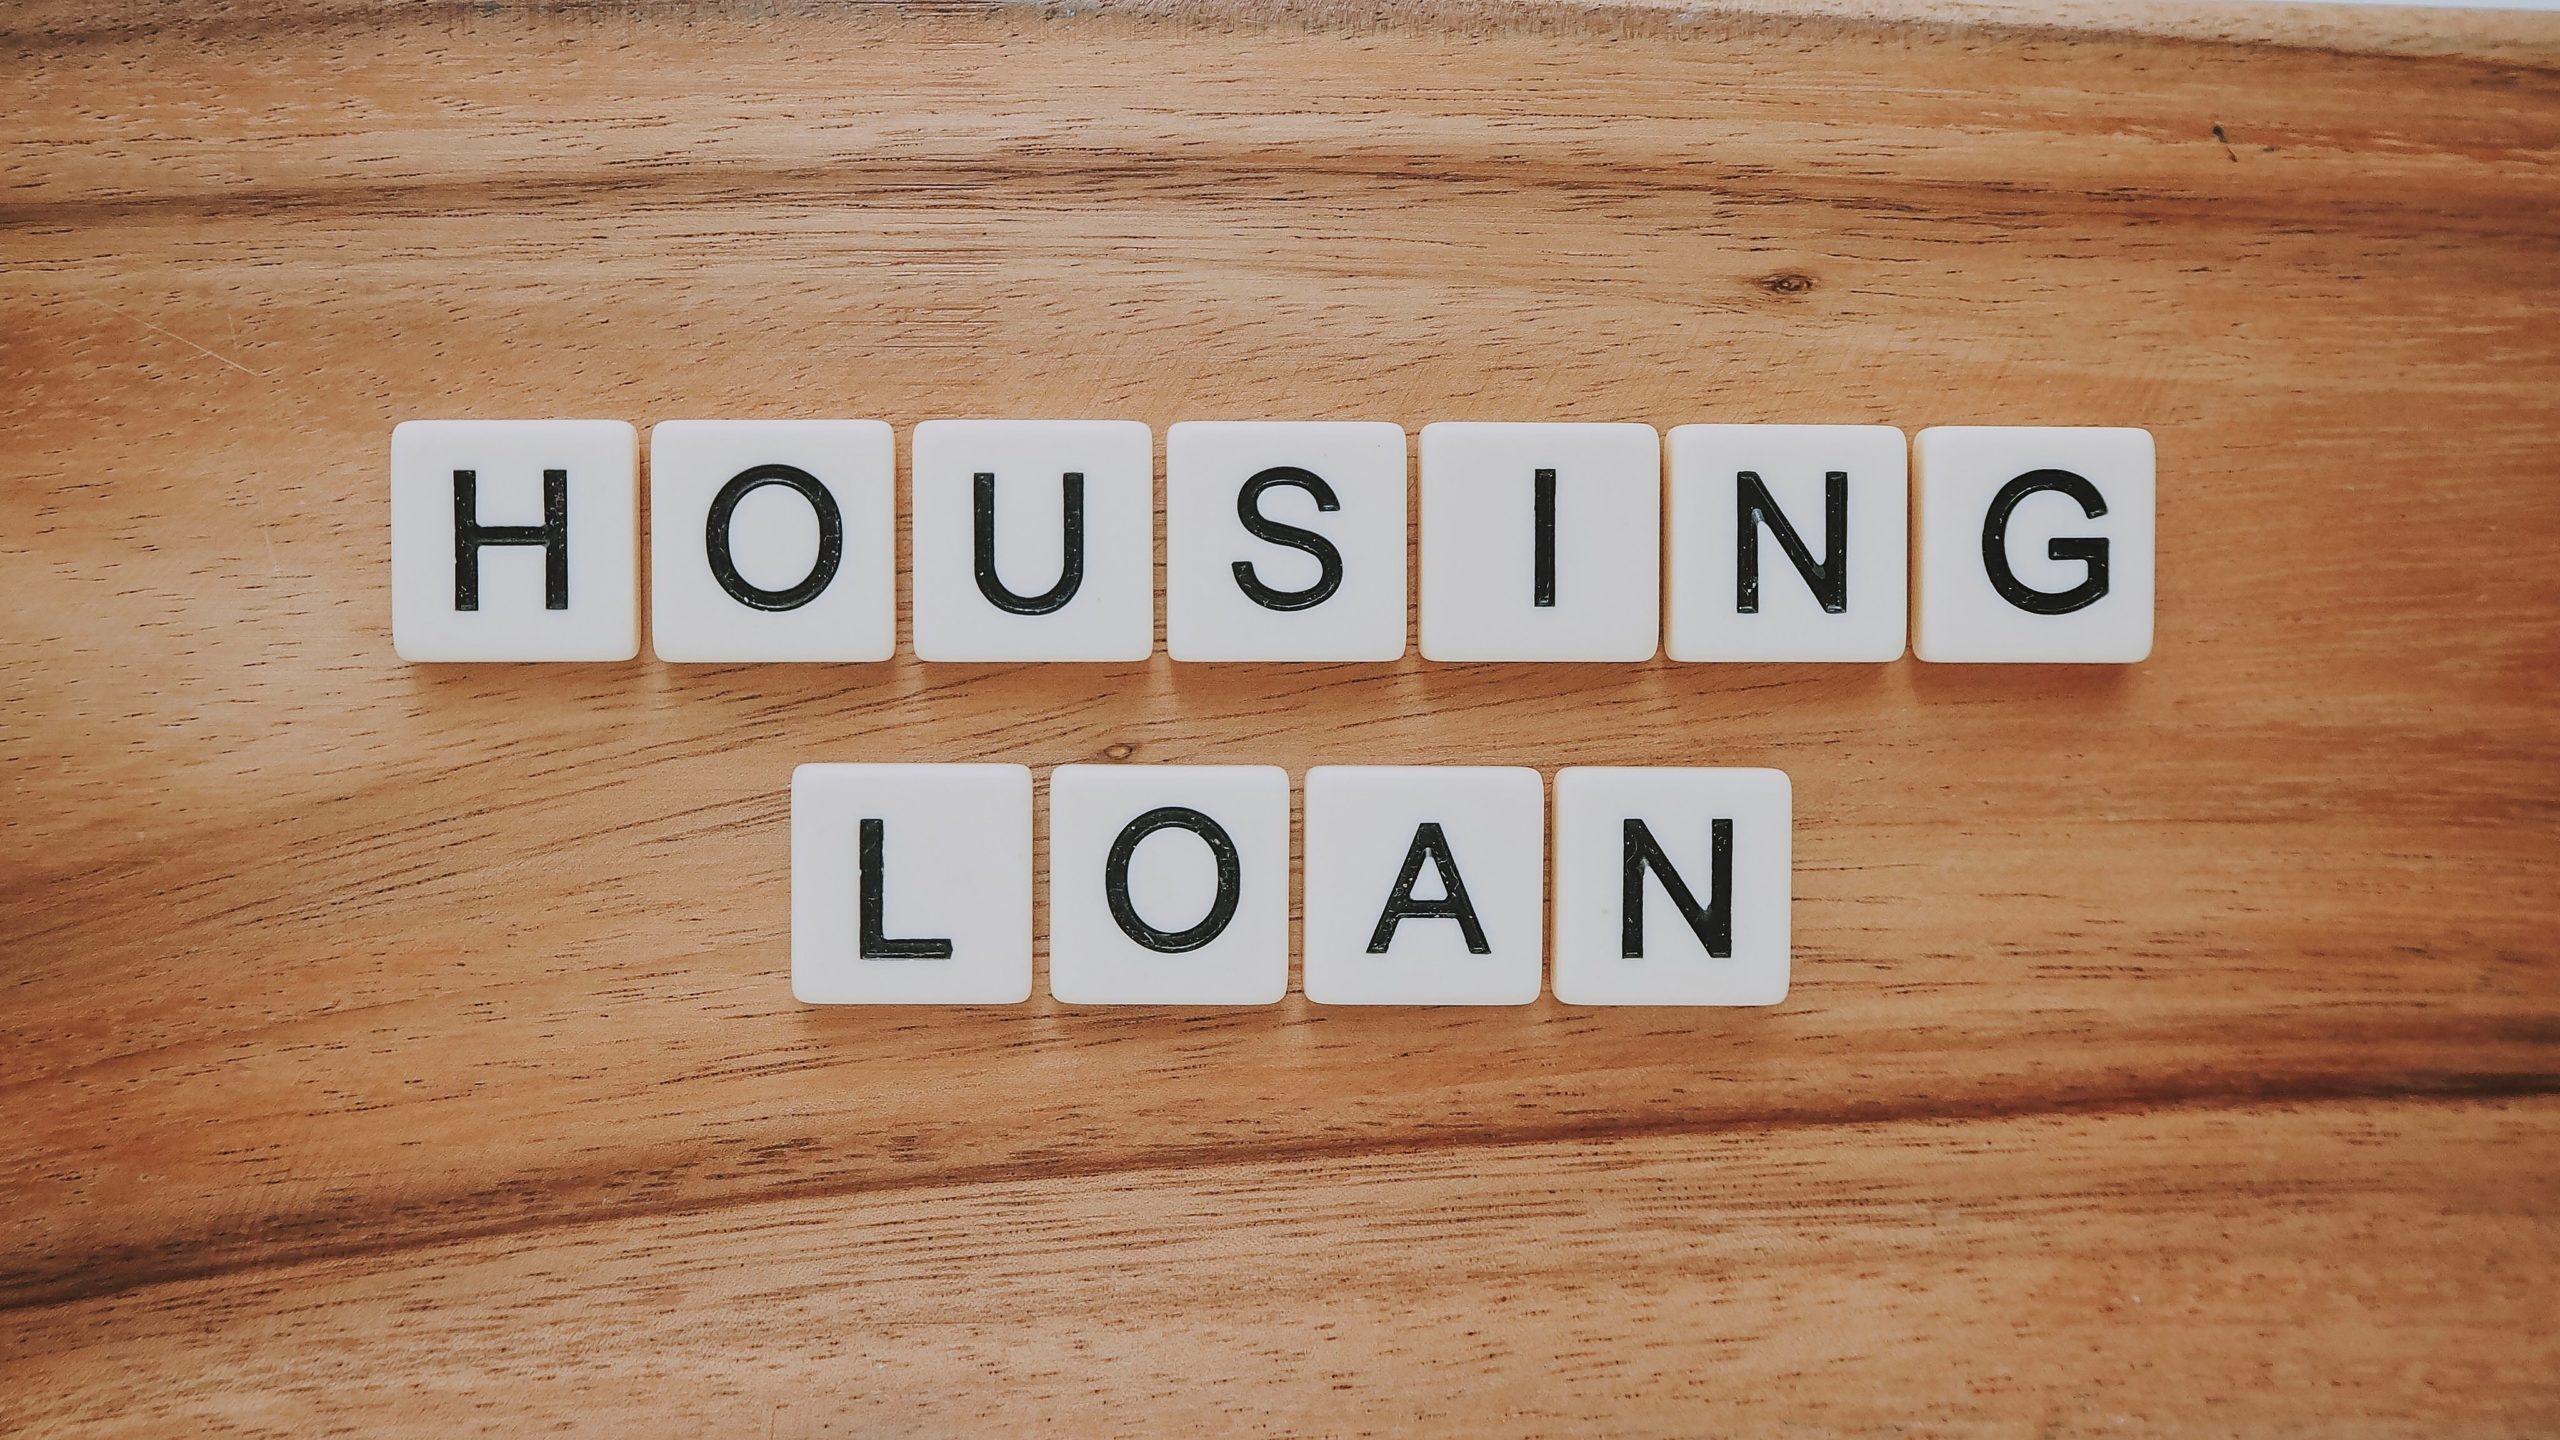 Housing loan letters